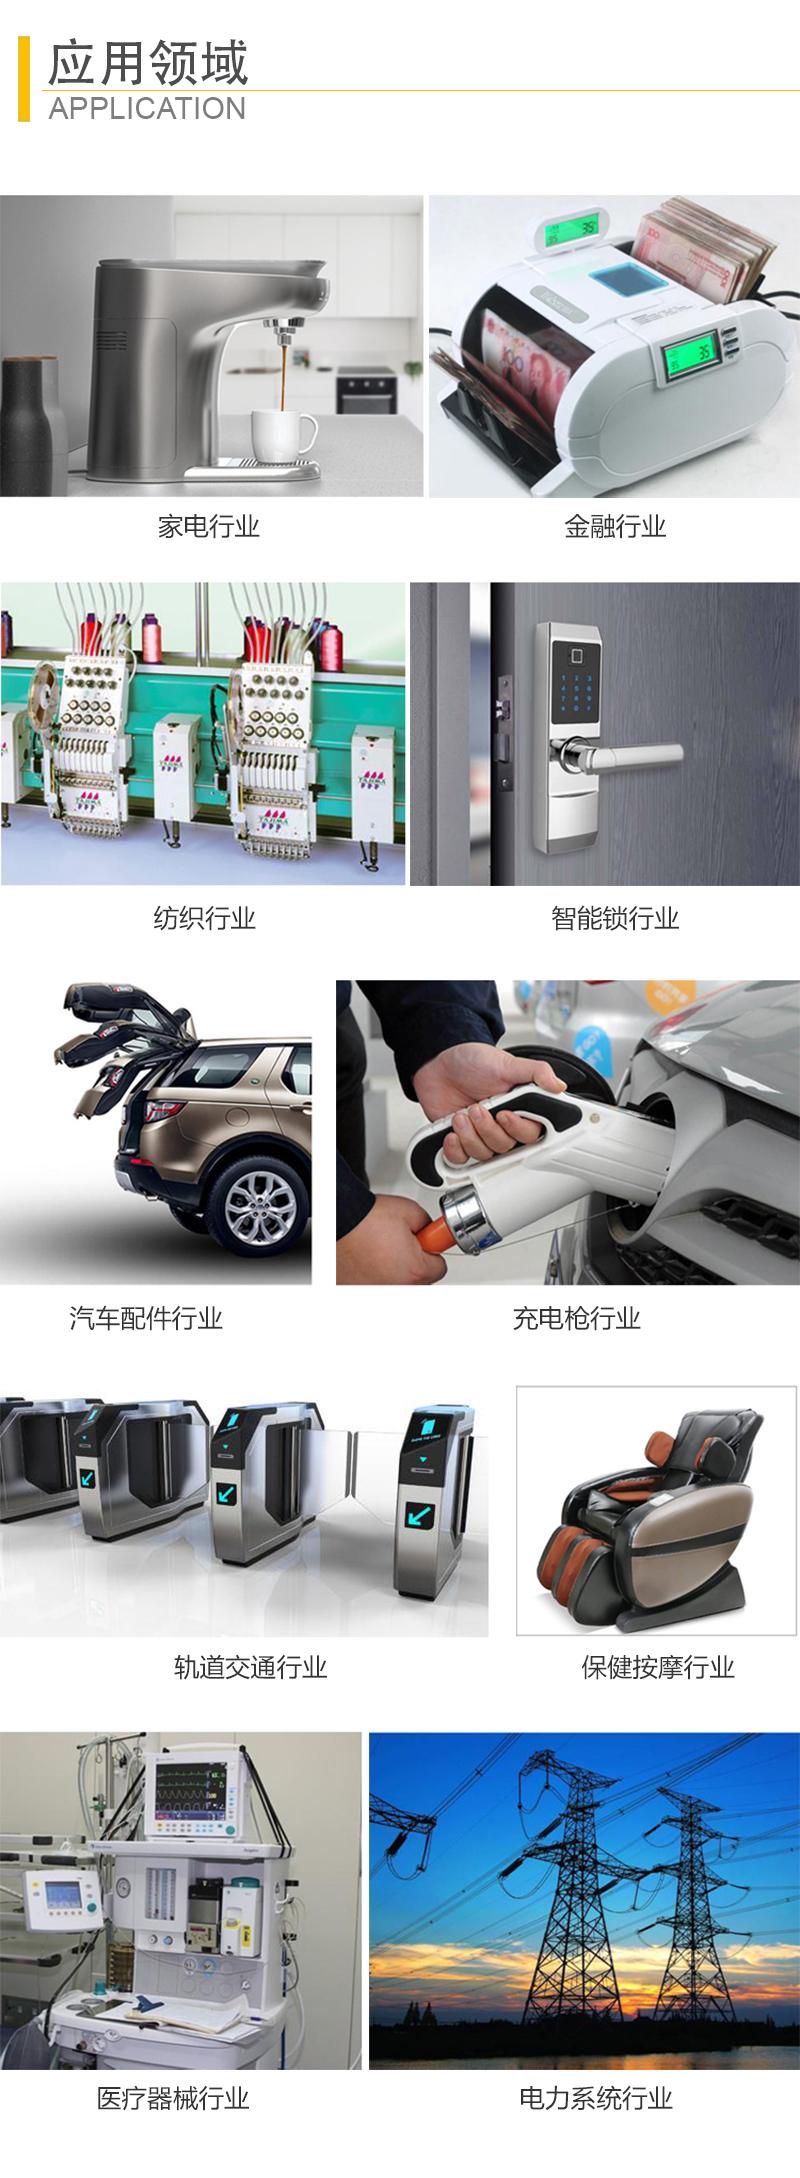 SDK-0520L单保持电磁铁 银行印章安全锁开关电子锁自保持式电磁铁